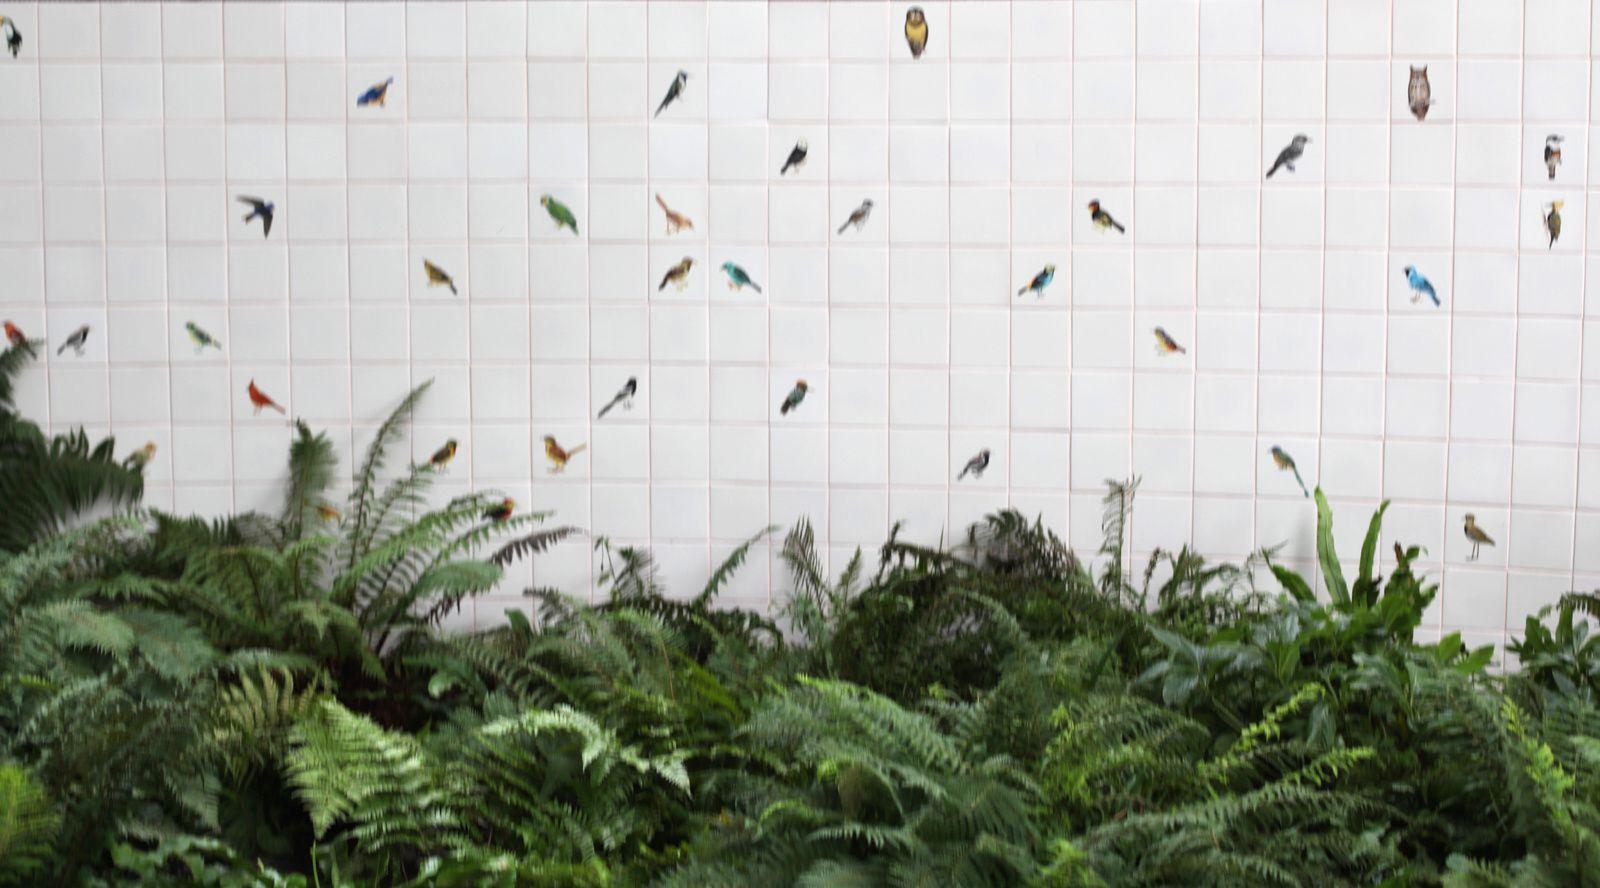 """""""Carreaux de céramique composée d'oiseaux peints"""" d'Adriana VAREJAO © Photo Éric Simon"""